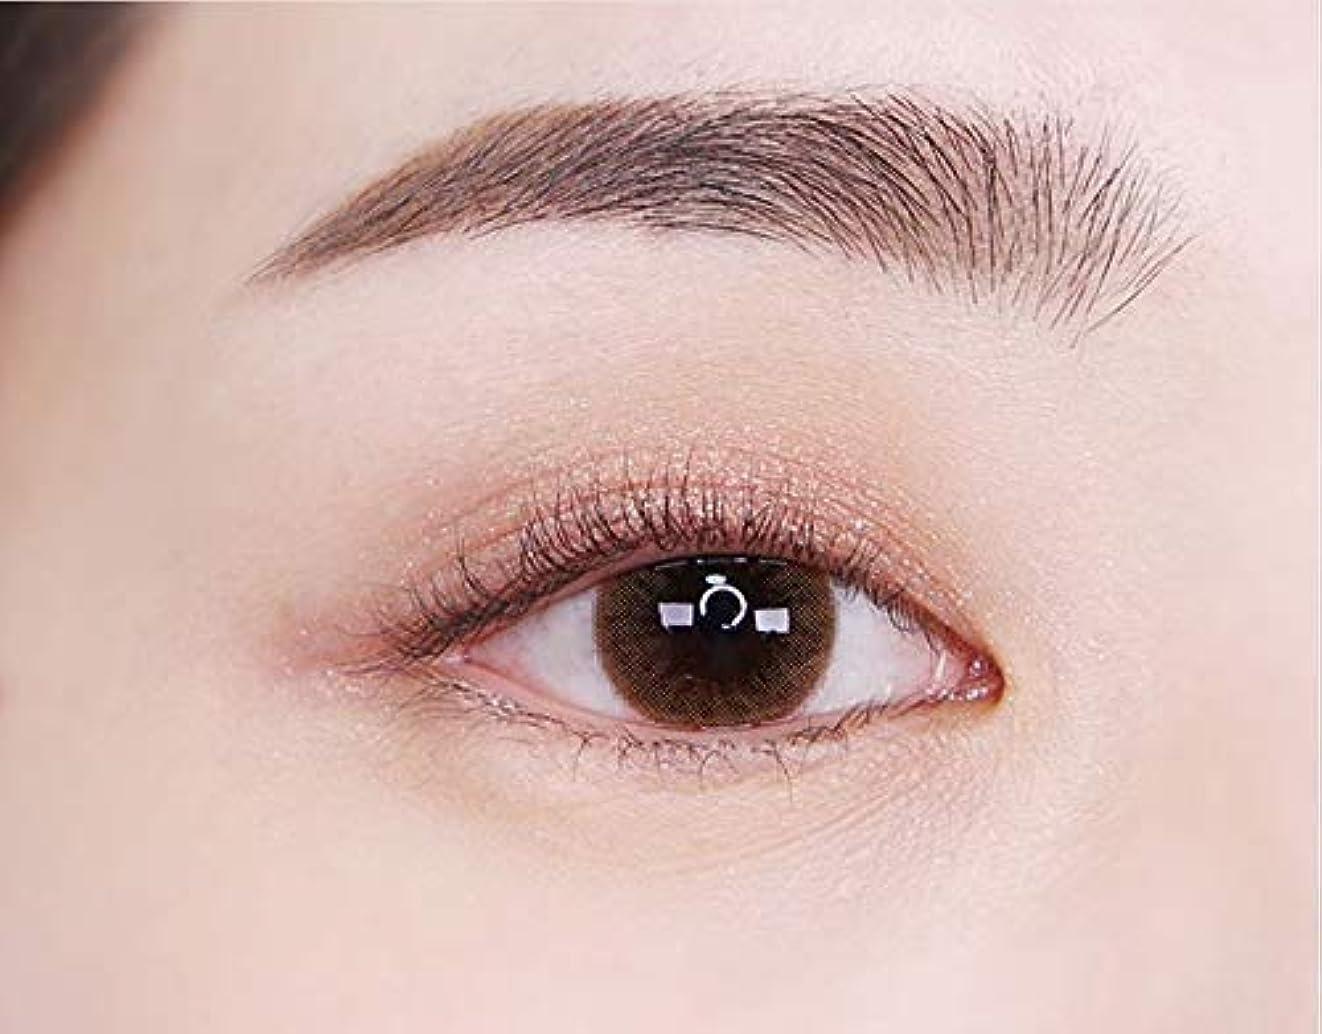 少ないかご同行[イニスフリー] innisfree [マイ パレット マイ アイシャドウ (グリッタ一) 5カラー] MY PALETTE My Eyeshadow (Glitter) 5 Shades [海外直送品] (グリッタ一...